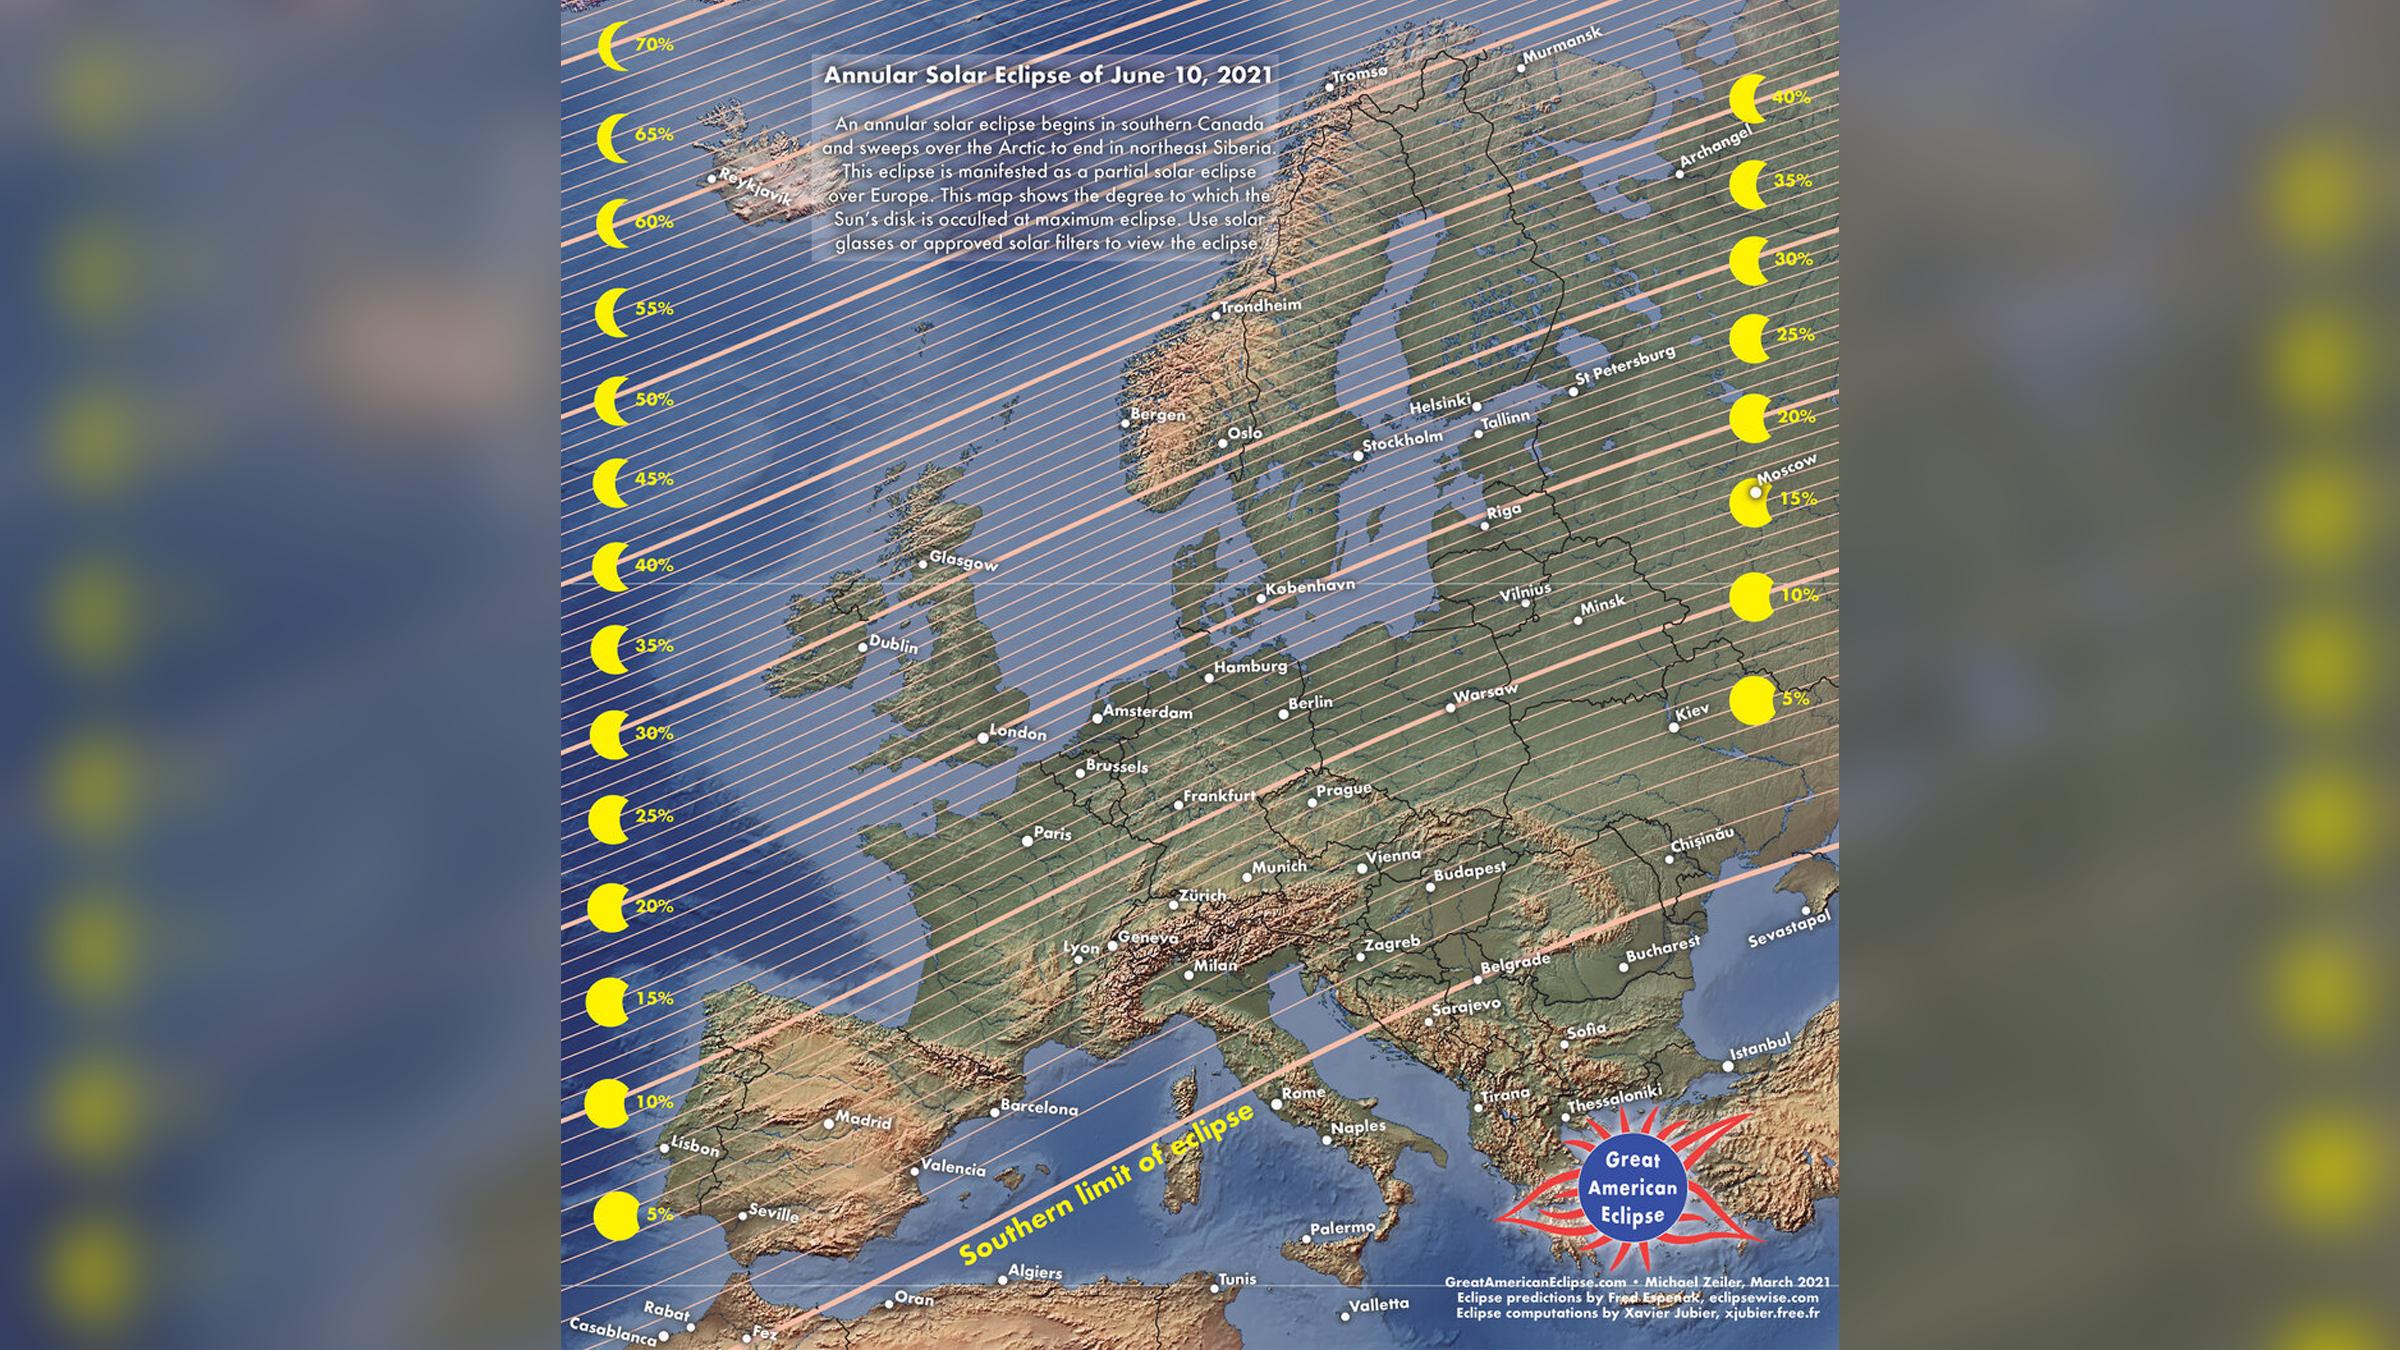 Calendrier de l'éclipse solaire du 10 juin 2021 sur l'Europe et l'Afrique du Nord.